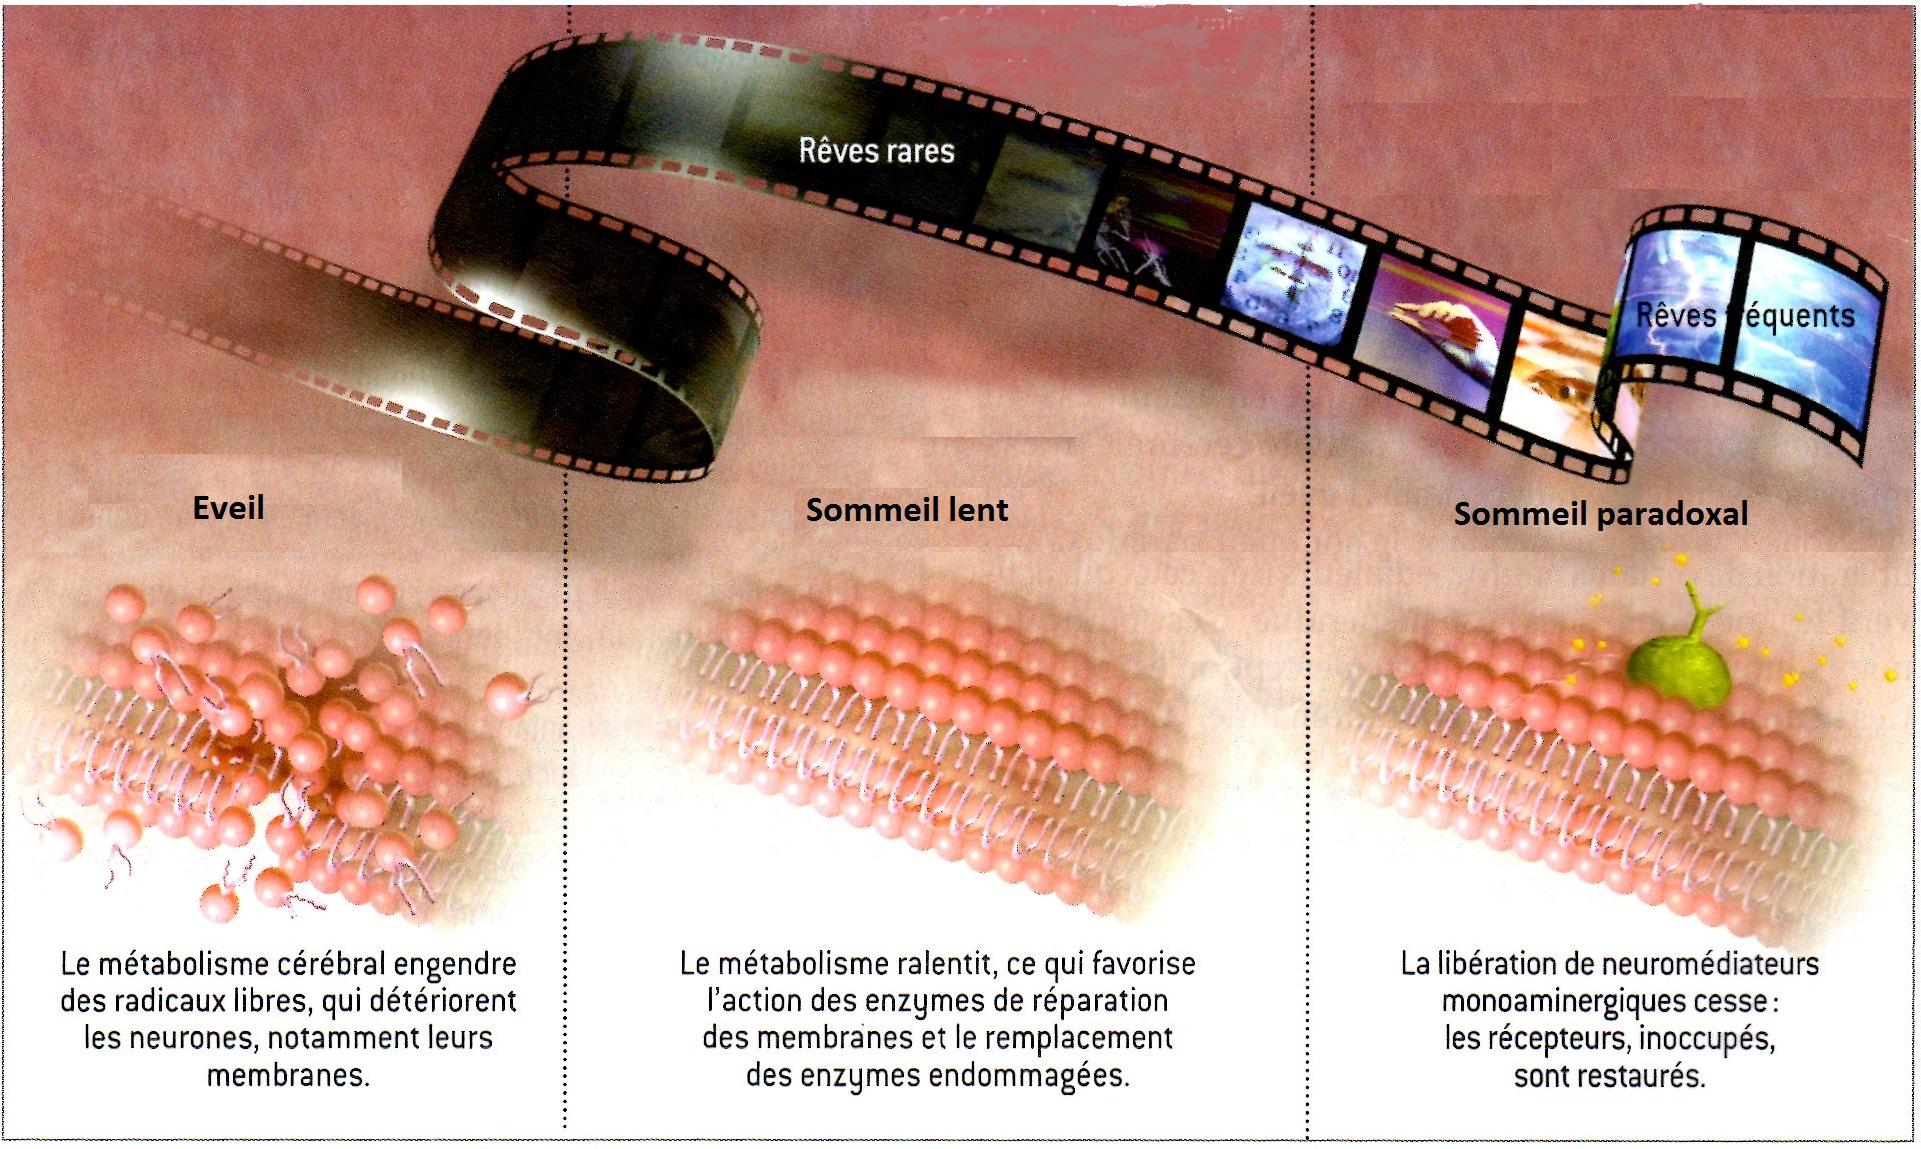 Illustration de Pour la Science (janv 2014)